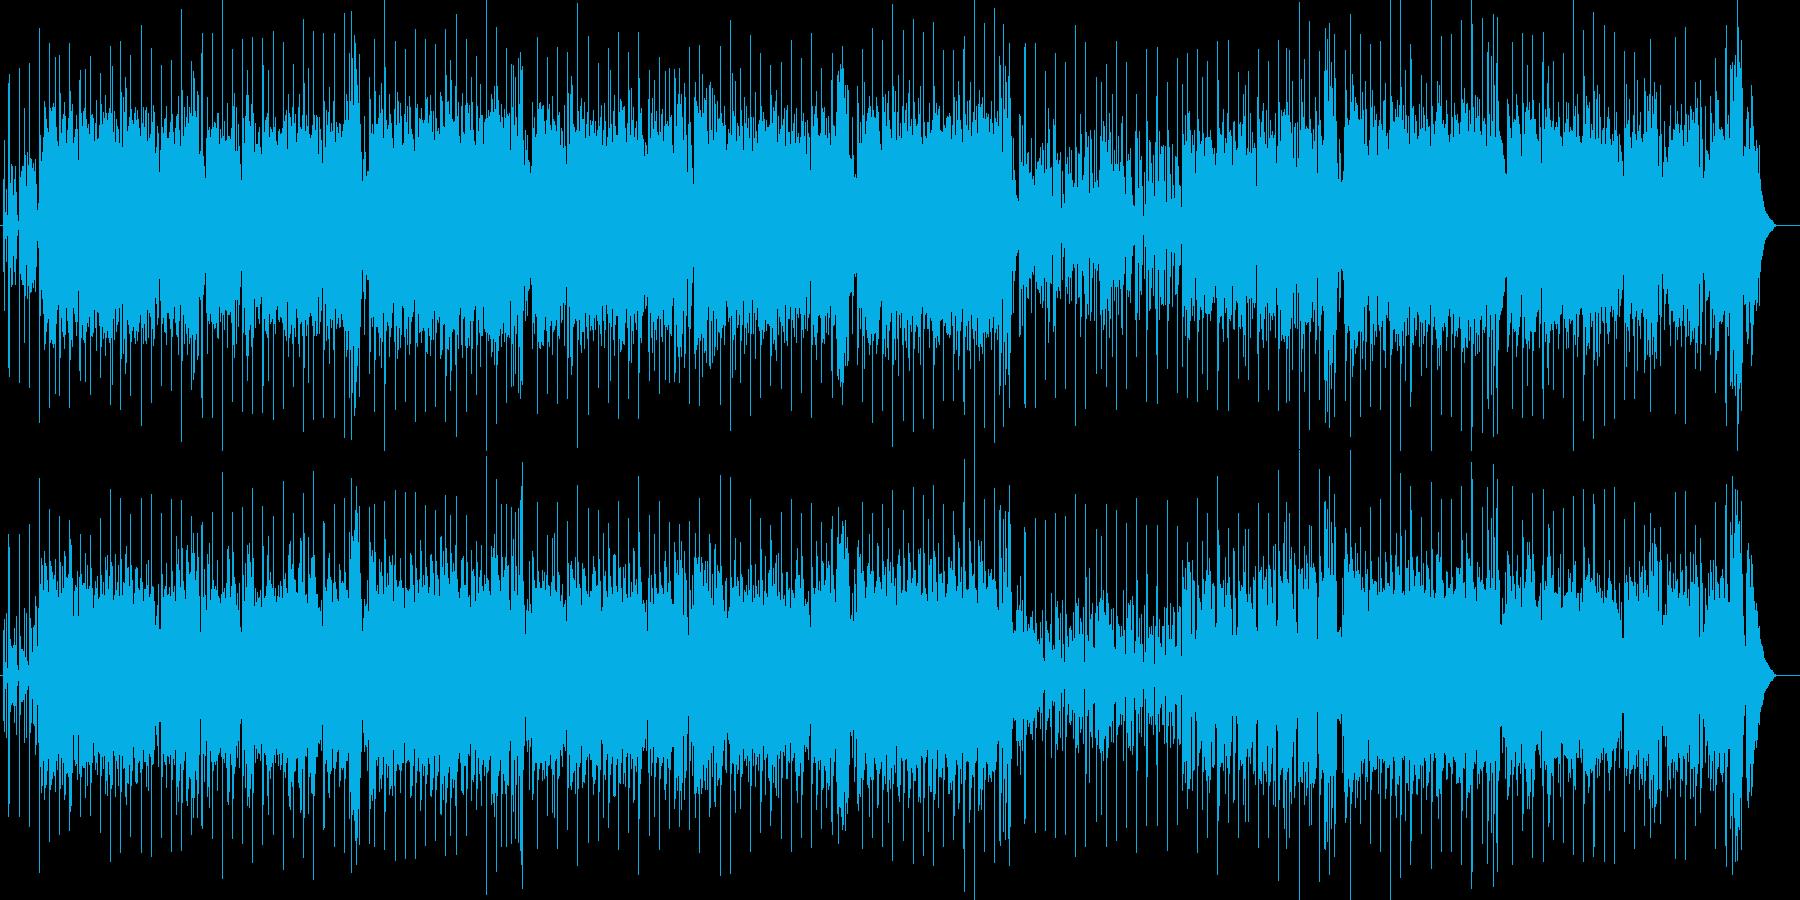 真夏の熱いラテン・フュージョン海ドライブの再生済みの波形